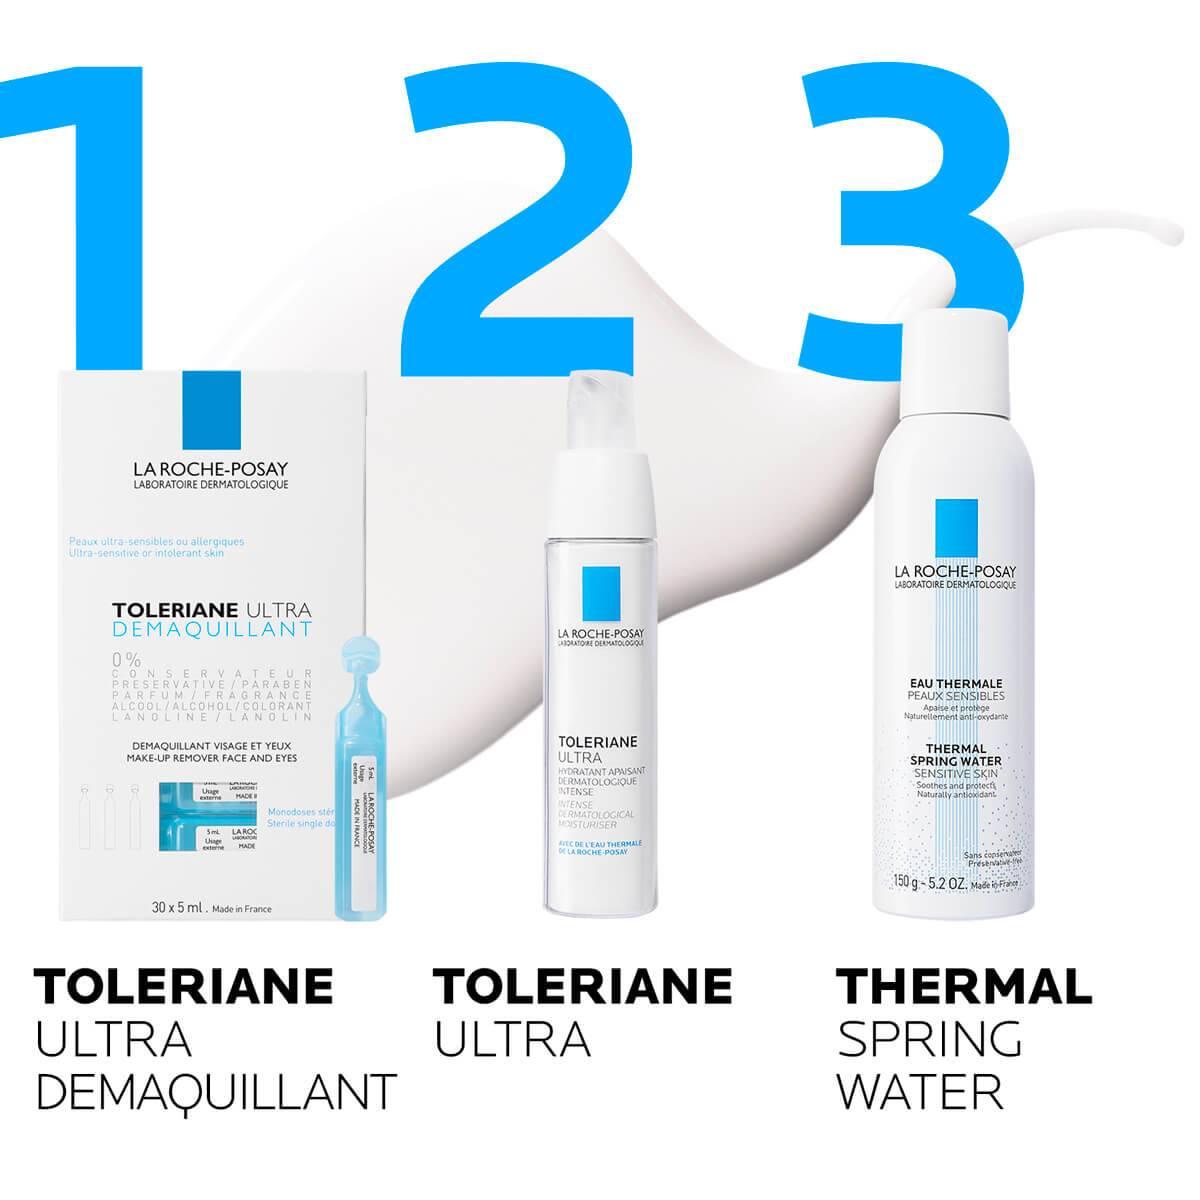 Alergiczna Toleriane Ultra 40 ml rutyna | La Roche Posay